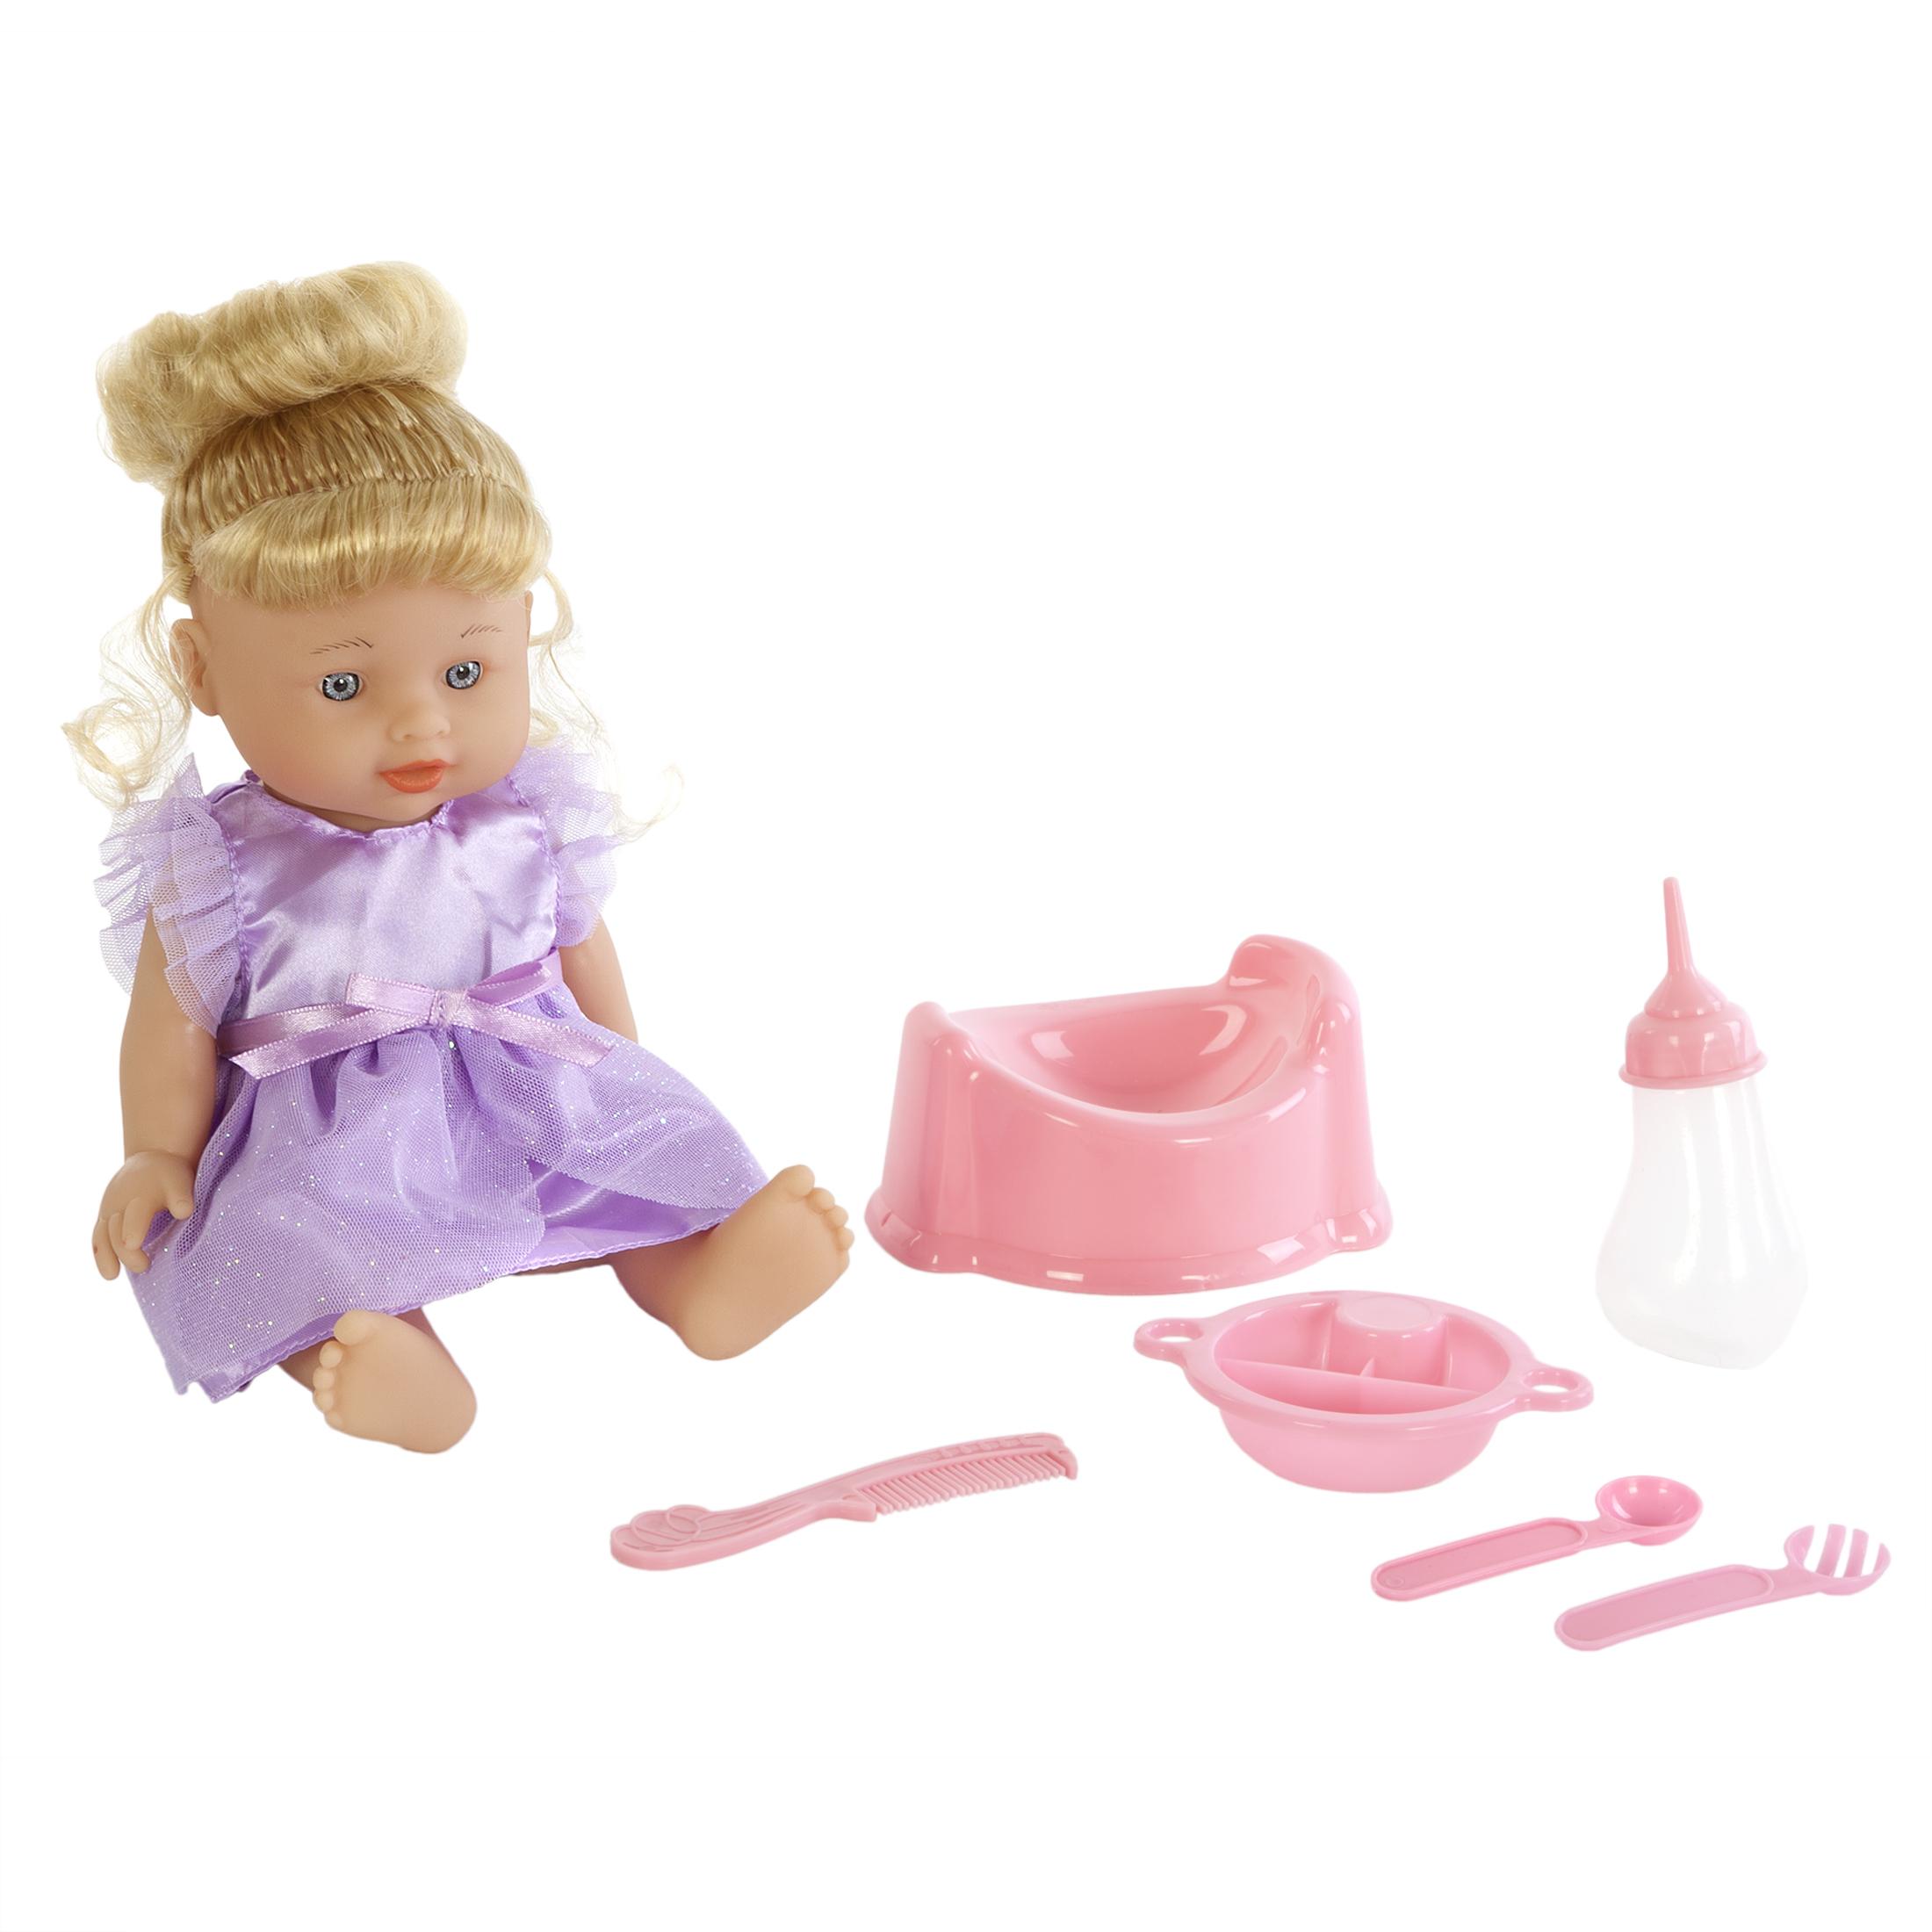 Купить Другие куклы, Лизи. Приучаемся к горшку, Mary Poppins, Китай